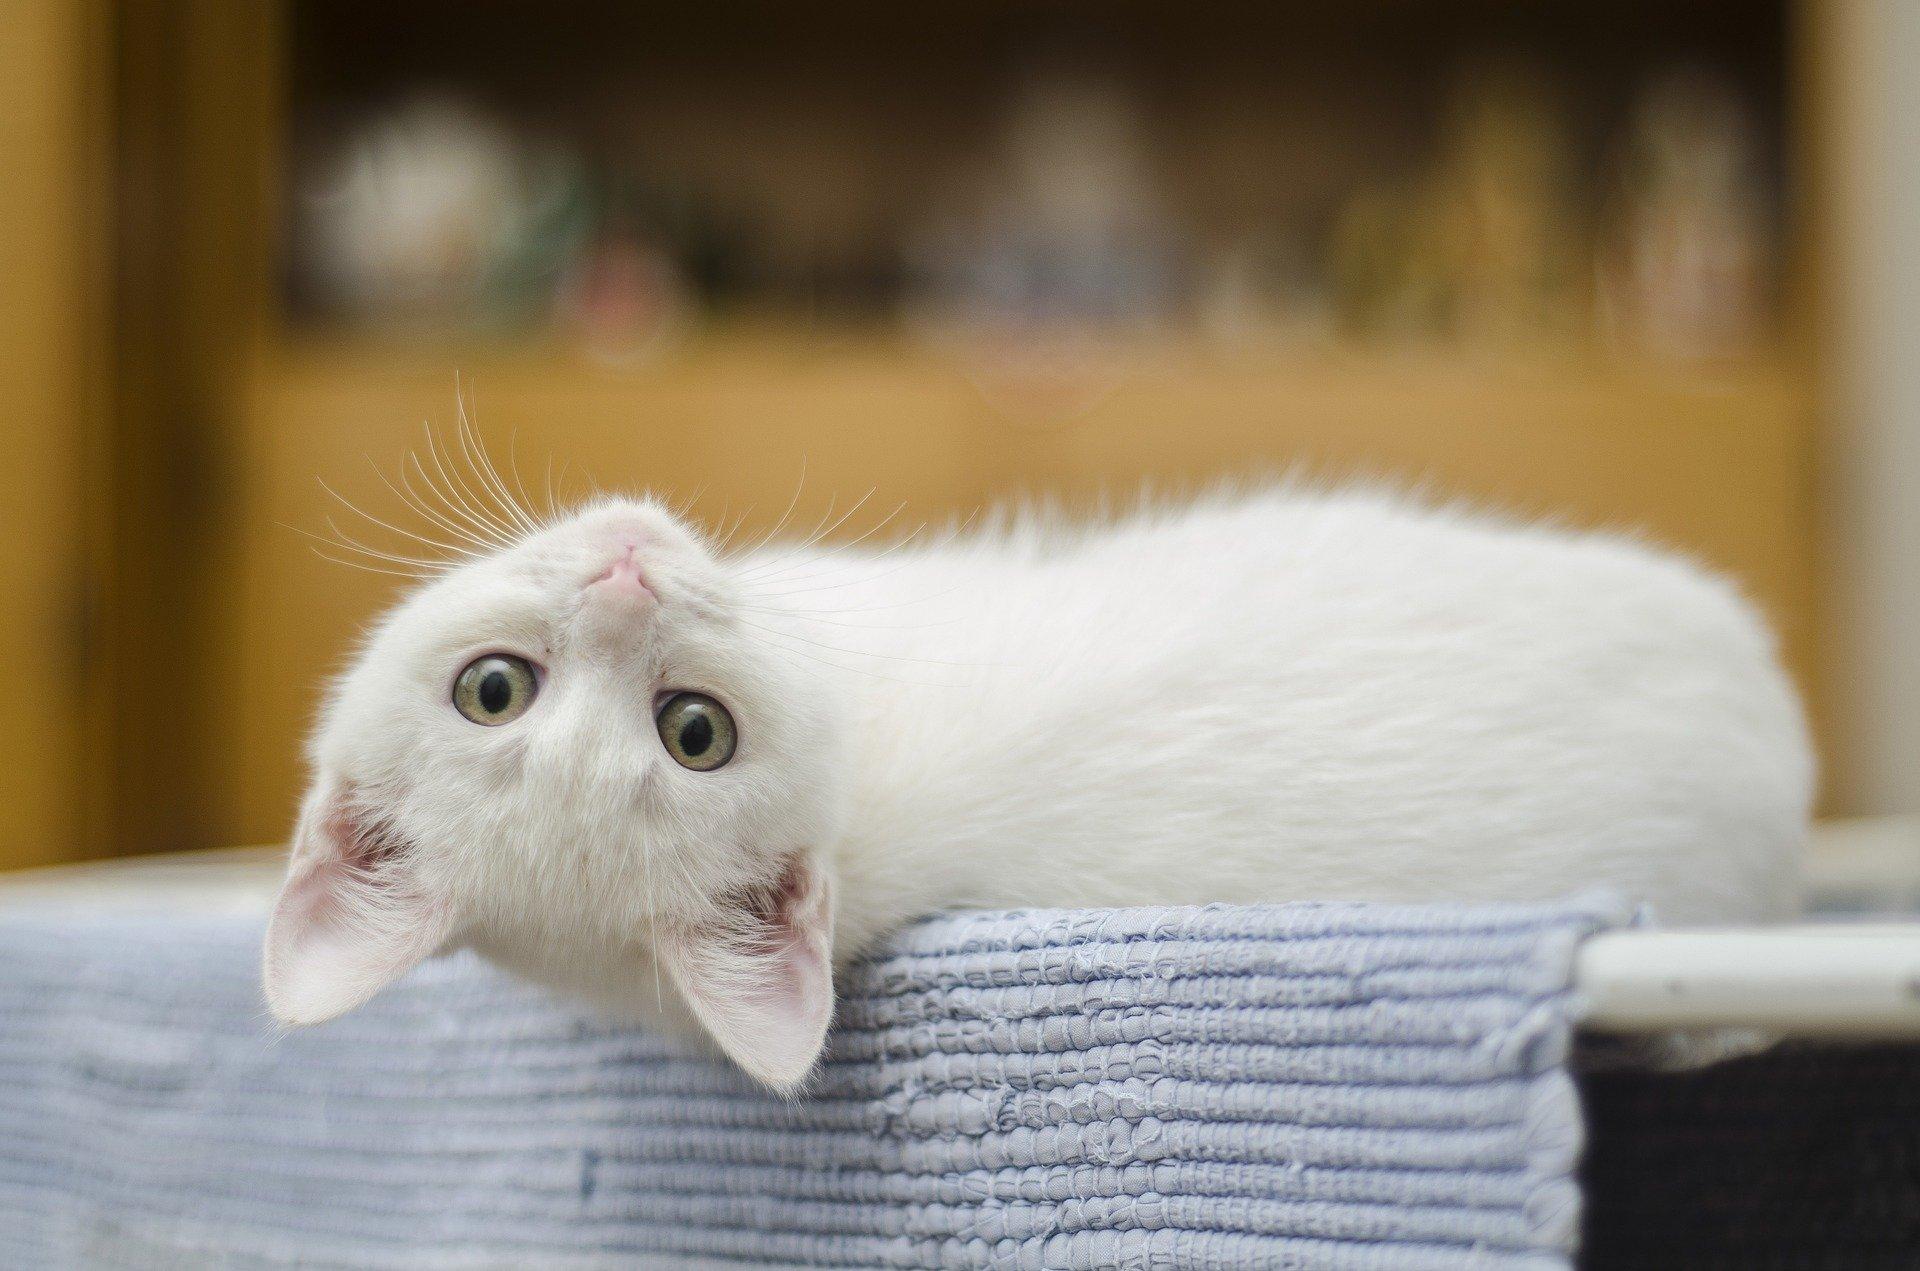 Robaki to nic innego jak pasożyty wewnętrzne występujące u zwierząt. Koty zazwyczaj są żywicielami pośrednimi pasożytów, które wyniszczają ich organizm i powodują wiele chorób. Kiedy i w jaki sposób odrobaczać koty?